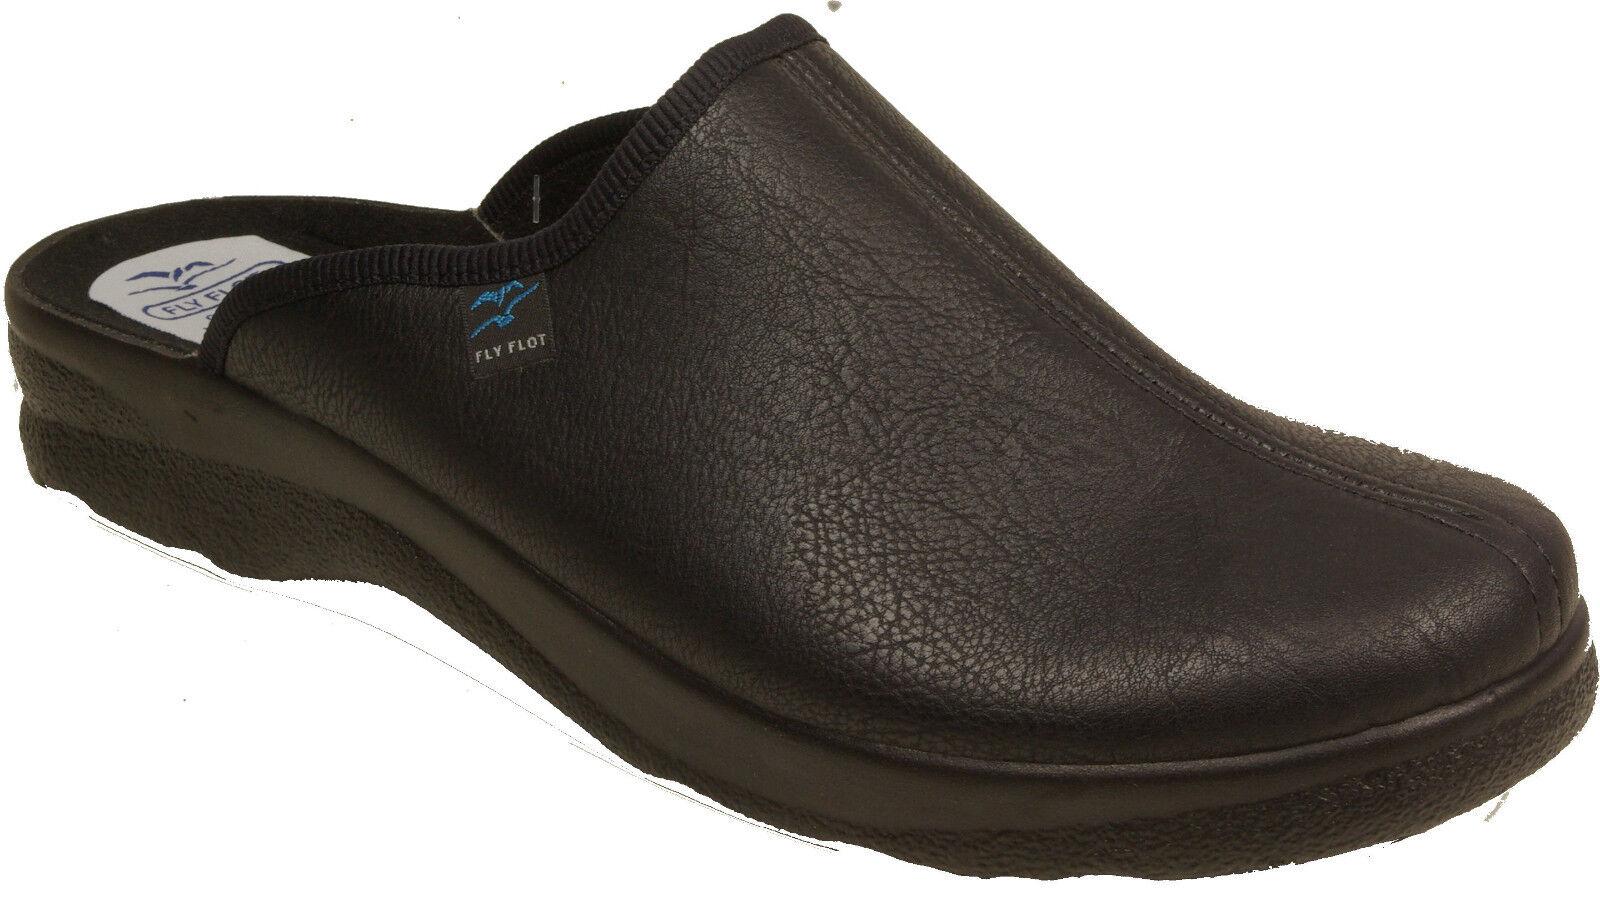 FLYFLOT Hausschuhe Pantoffeln outdoor indoor black  NEU